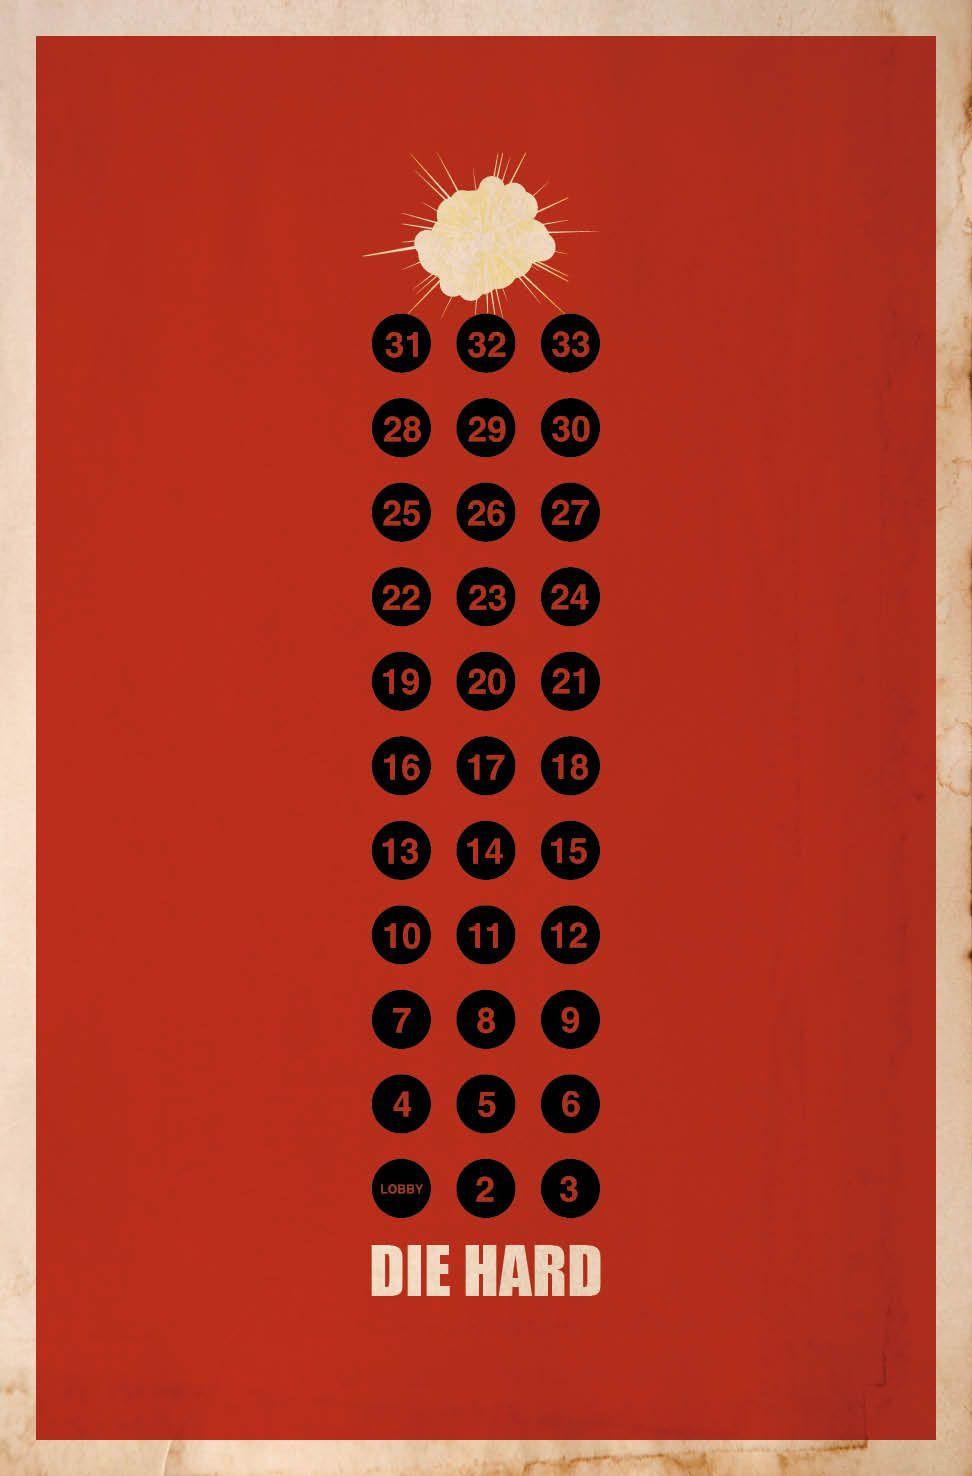 Die Hard Minimalistskie Postery K Filmam Plakaty K Filmam V